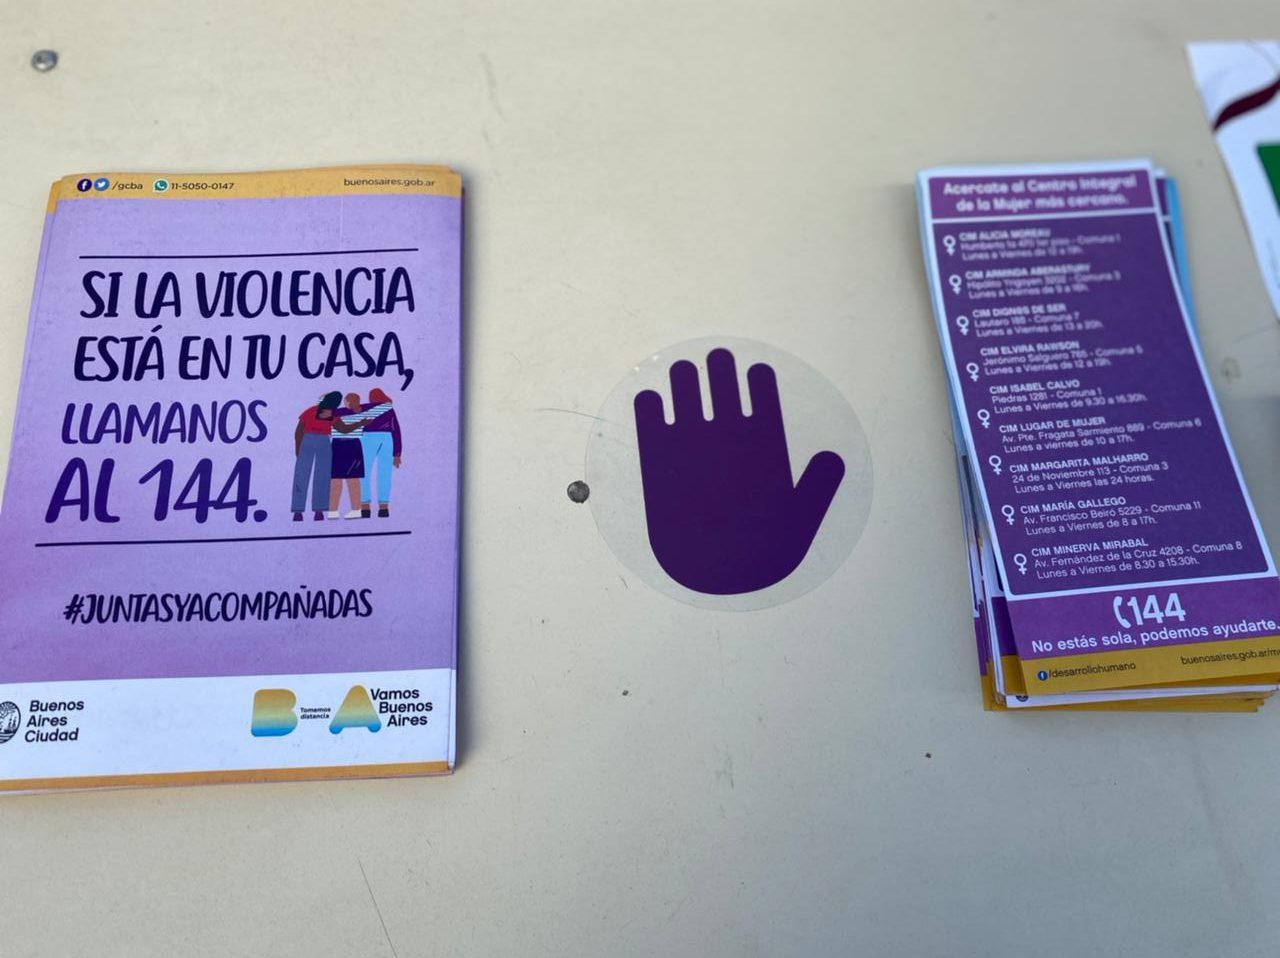 Asistencia a víctimas de violencia de género en las Unidades Móviles de Testeo   Una iniciativa que surgió de la Comuna 10